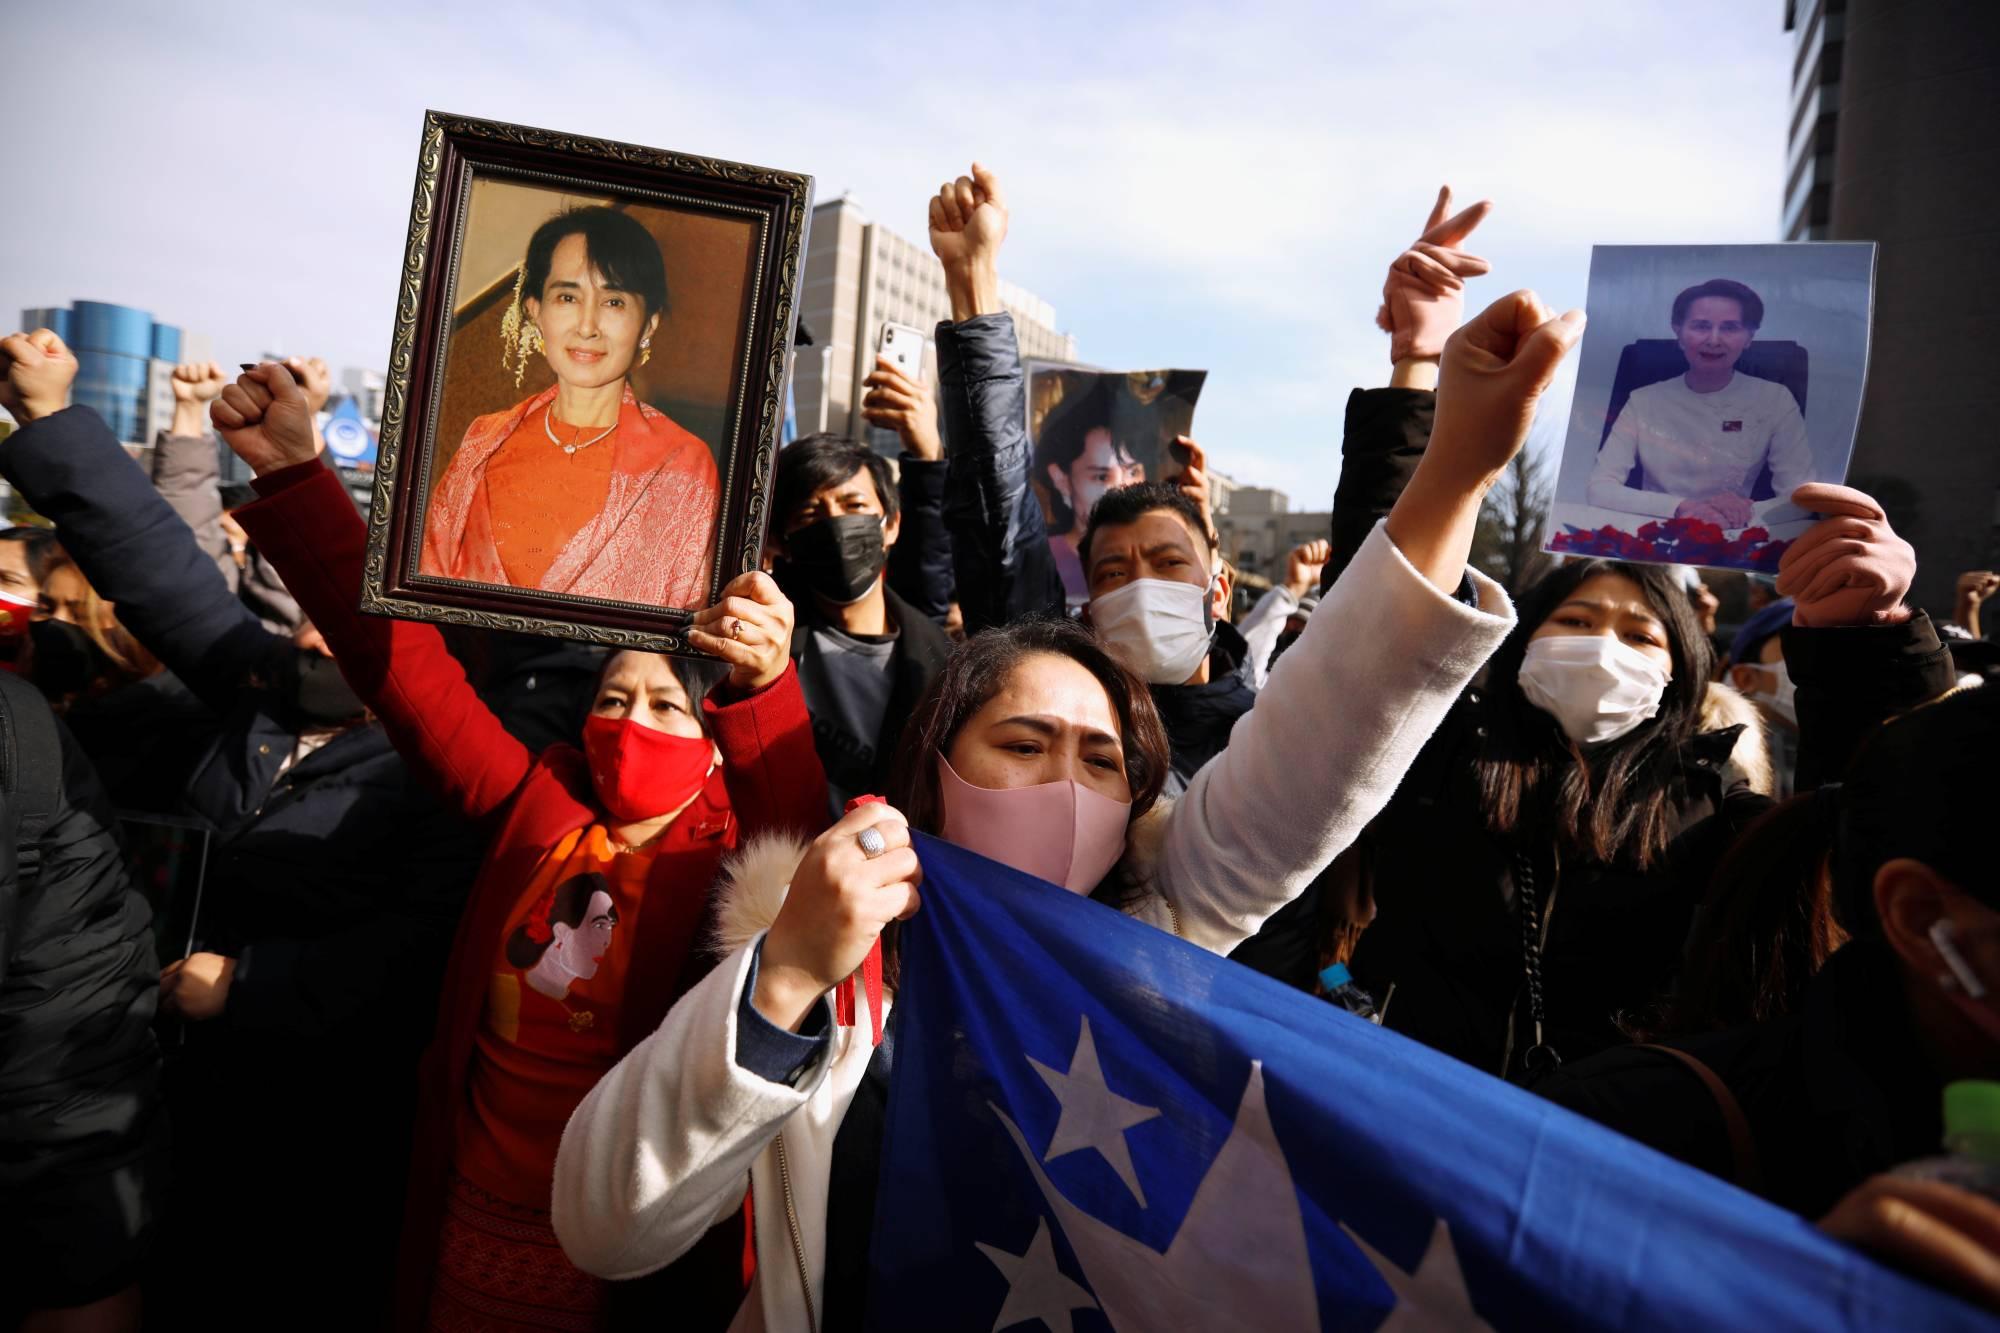 Cộng đồng Myanmar ở Nhật Bản sốc và lo lắng sau khi bà Aung San Suu Kyi bị giam giữ - Ảnh 1